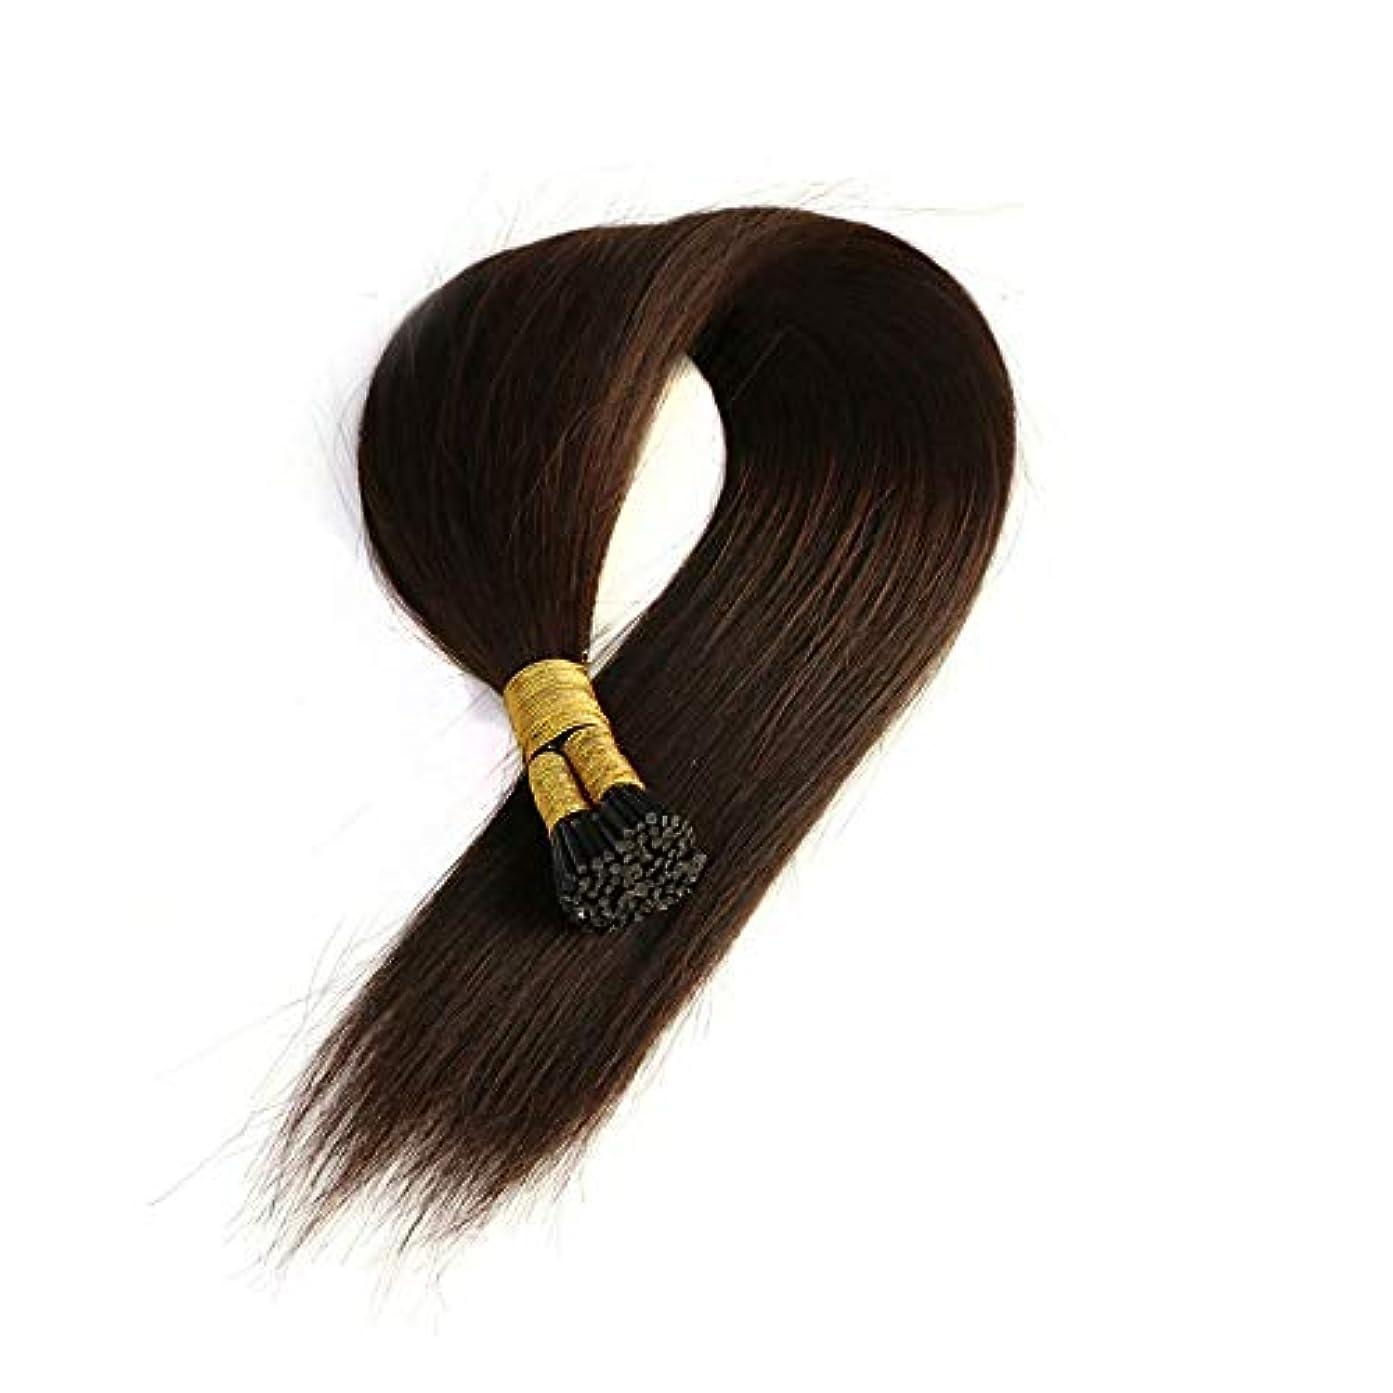 会計士騒ぎ法律によりWASAIO パッケージ数当たりの変化髪型の50グラムのためのヘアエクステンションクリップ裏地なし人間を (色 : 黒, サイズ : 40cm)